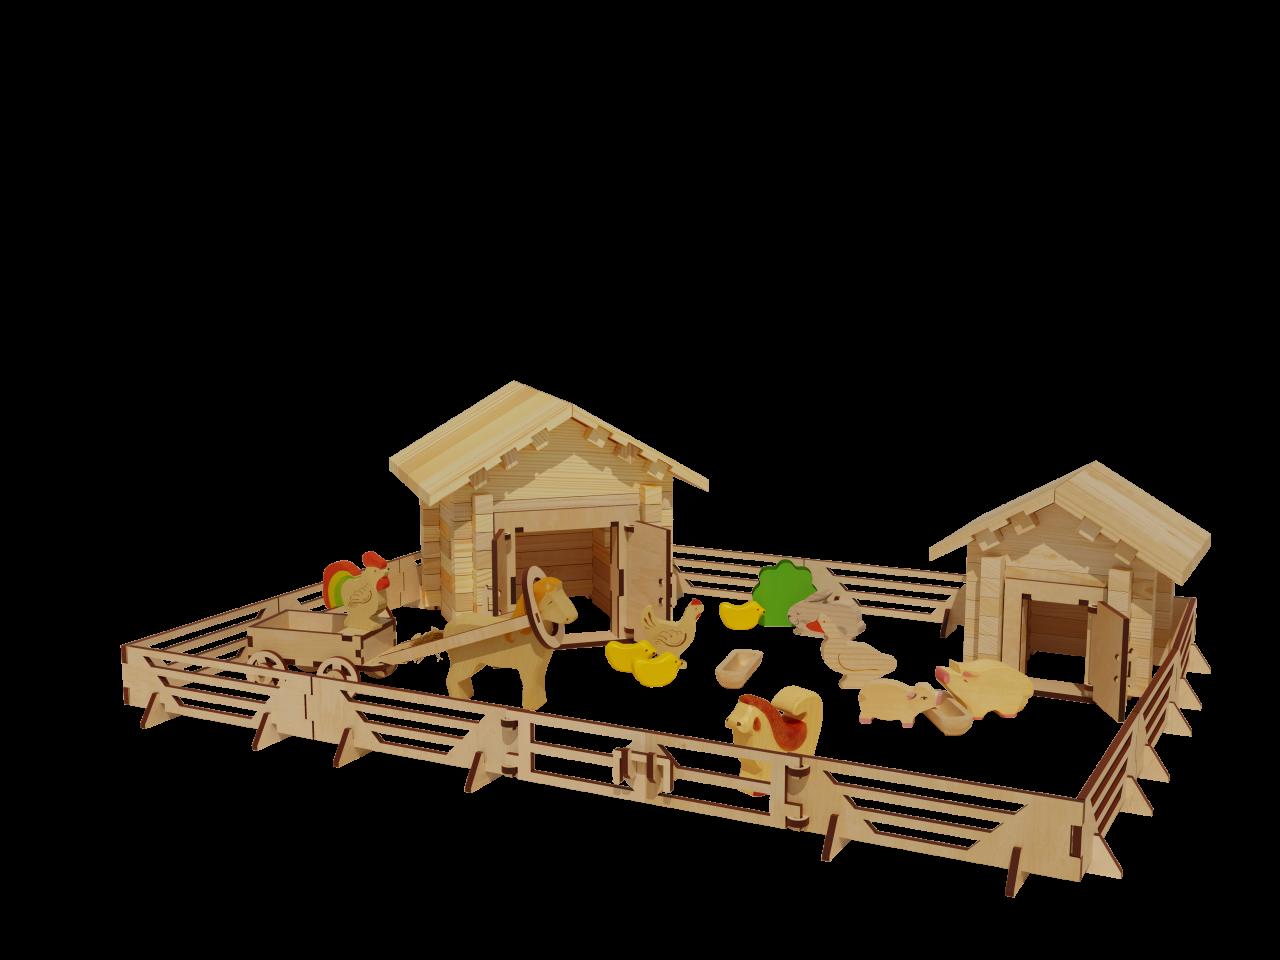 Купить Конструктор ЛЕСОВИЧОК les 023 Ферма №2 набор из 135 деталей, Дерево, Для мальчиков и девочек, Россия, Конструкторы